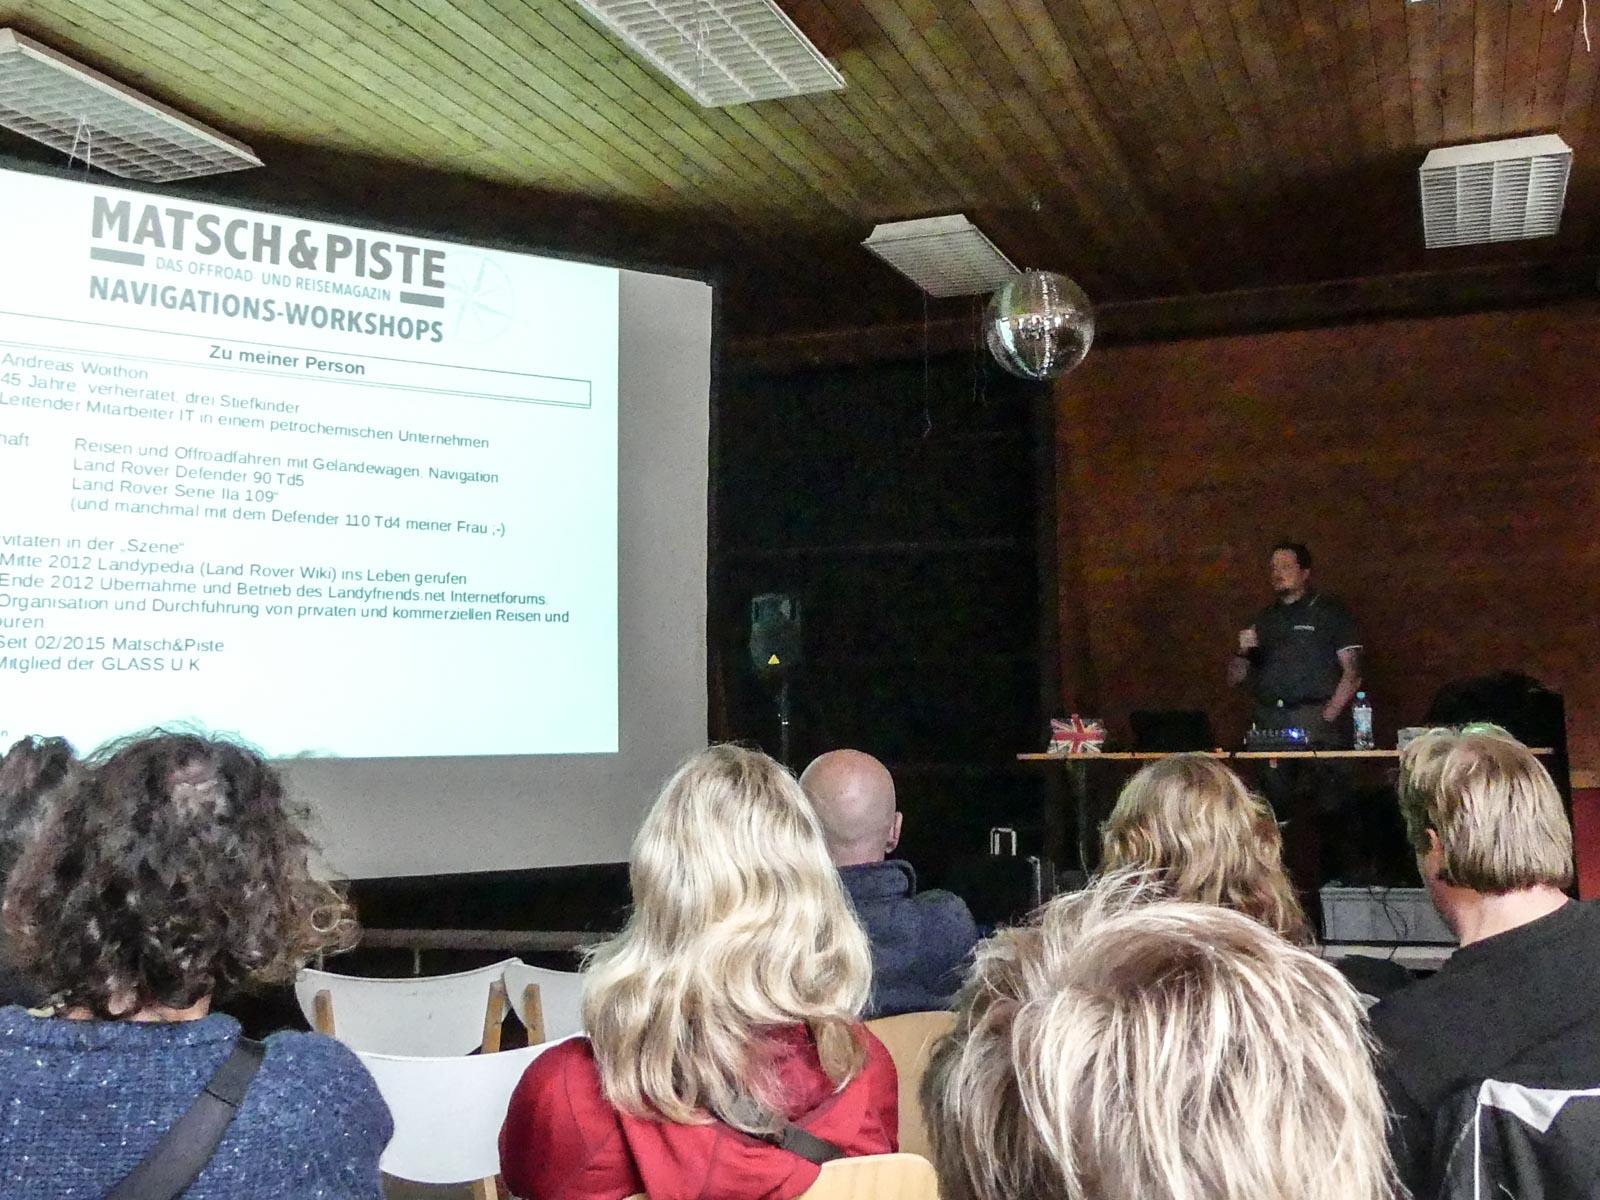 Outdoorküche Buch Wikipedia : Gelungener zweiter akt der adventure northside in walsrode